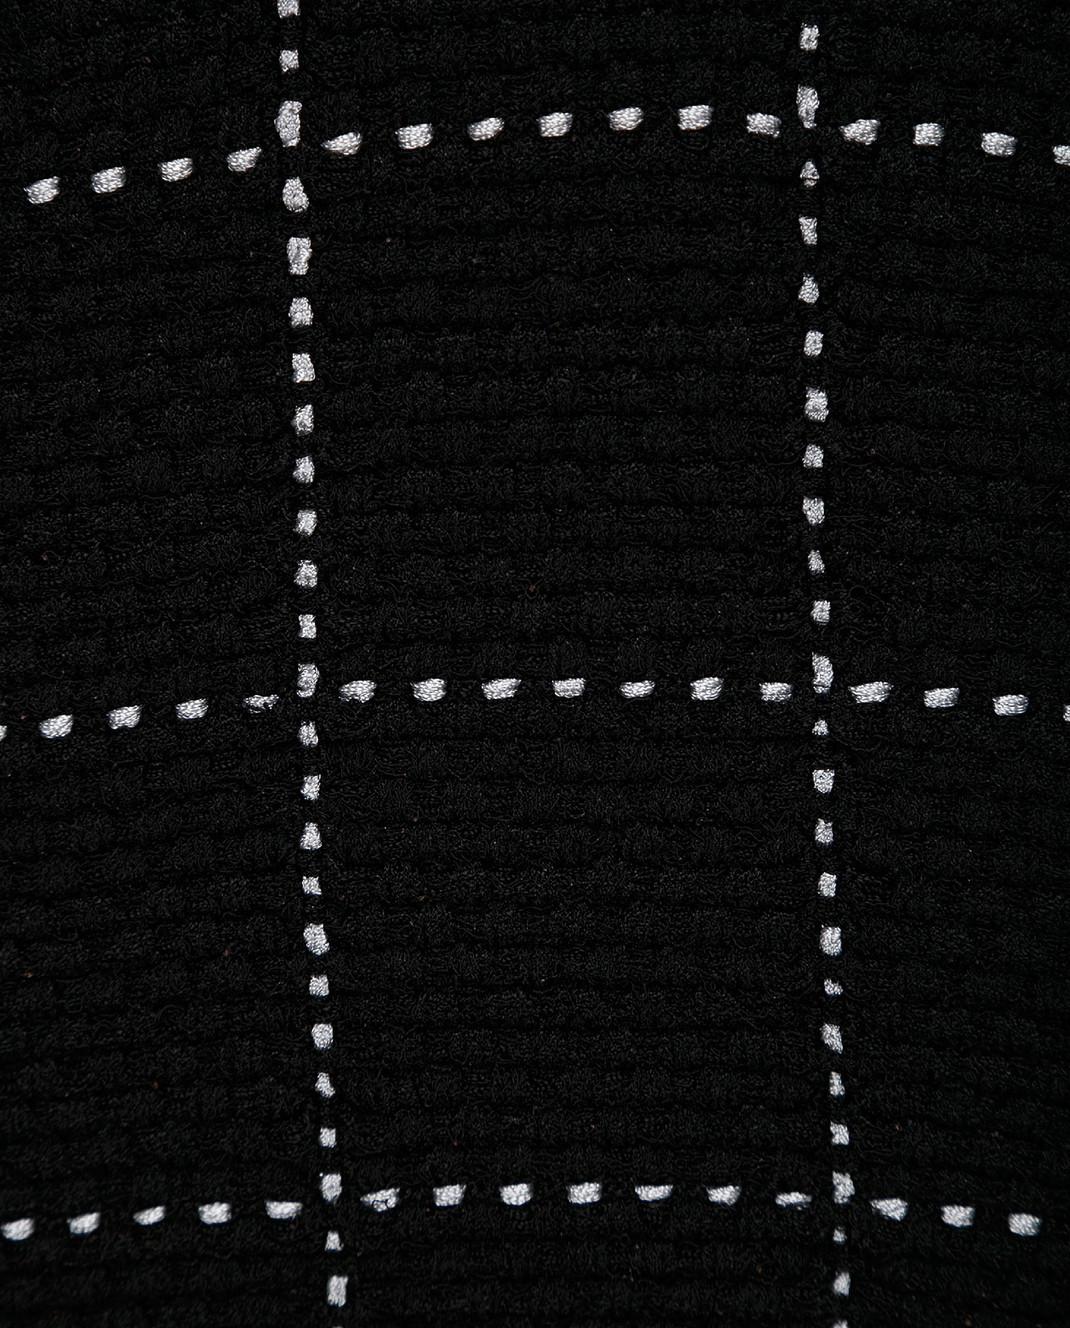 Balmain Черный свитер 136667 изображение 5